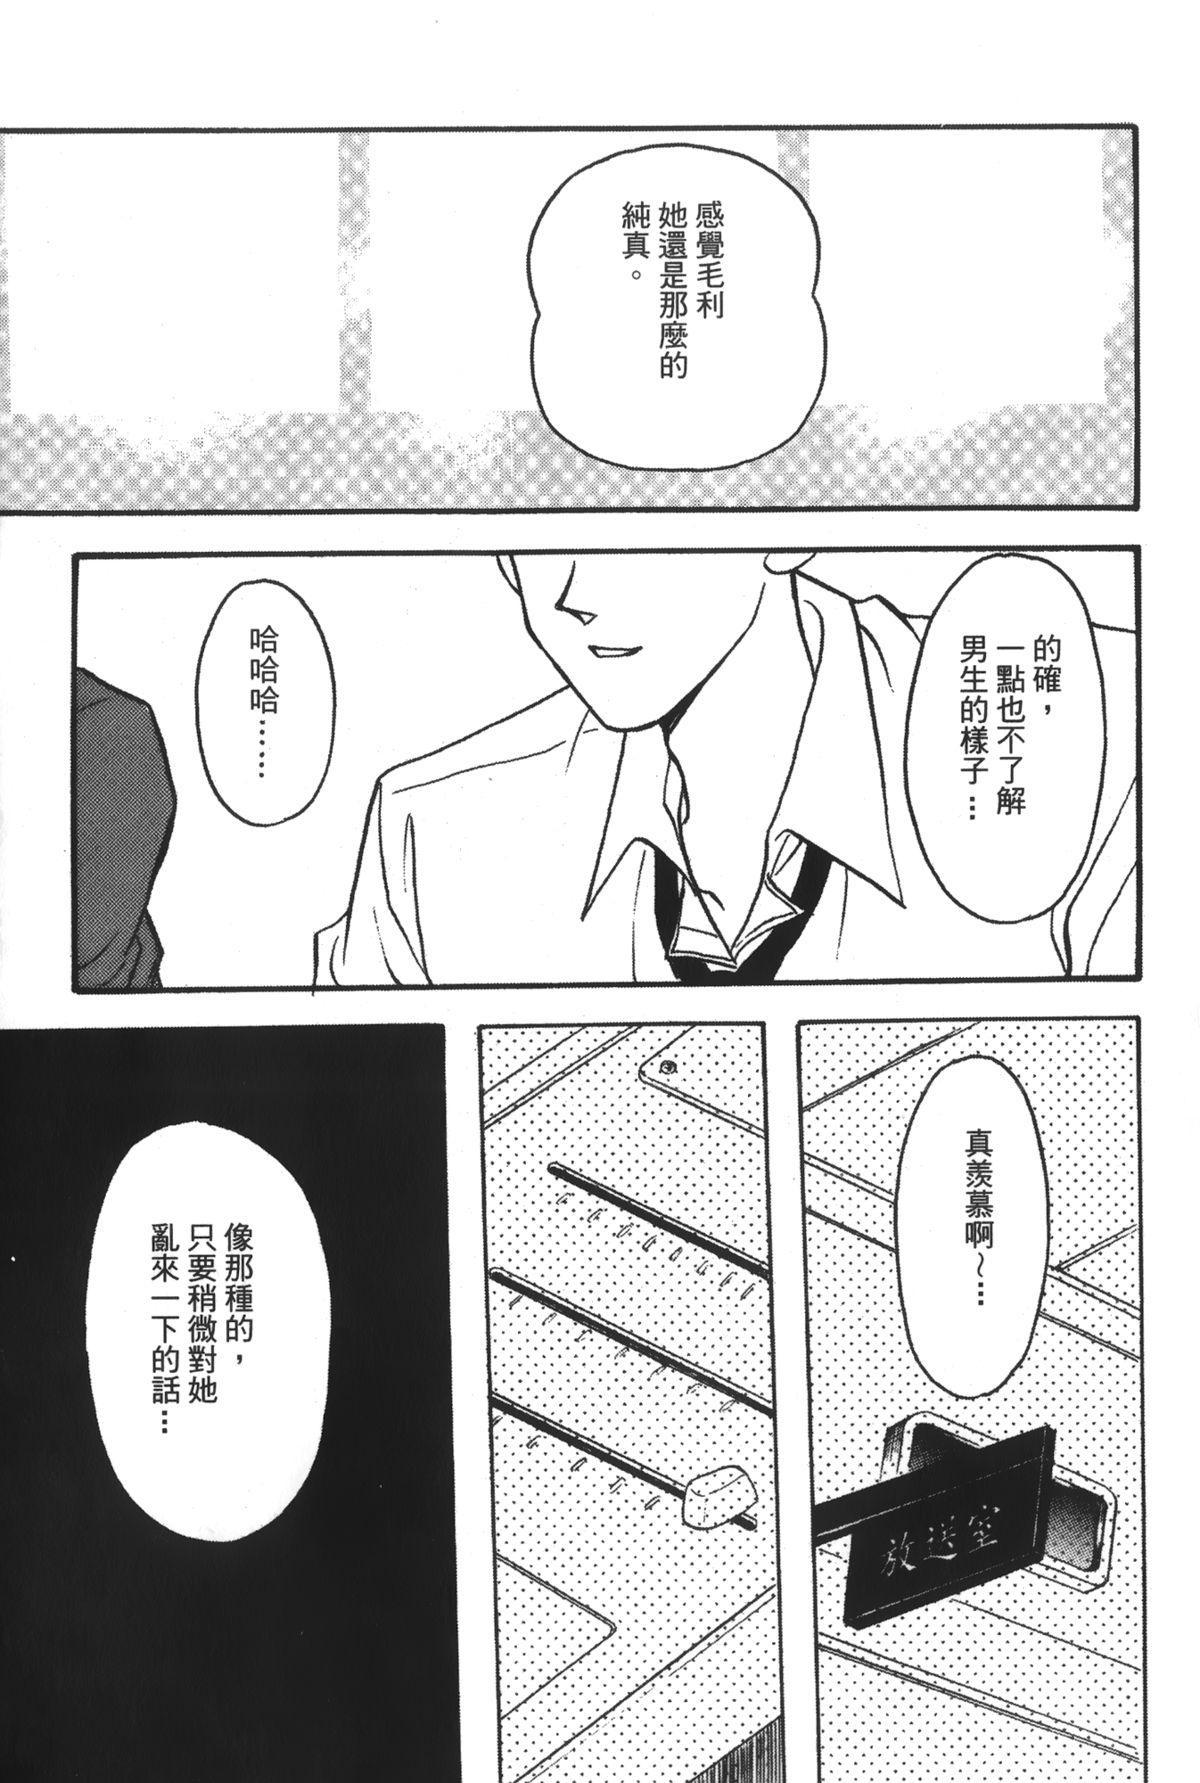 Detective Assistant Vol. 14 47